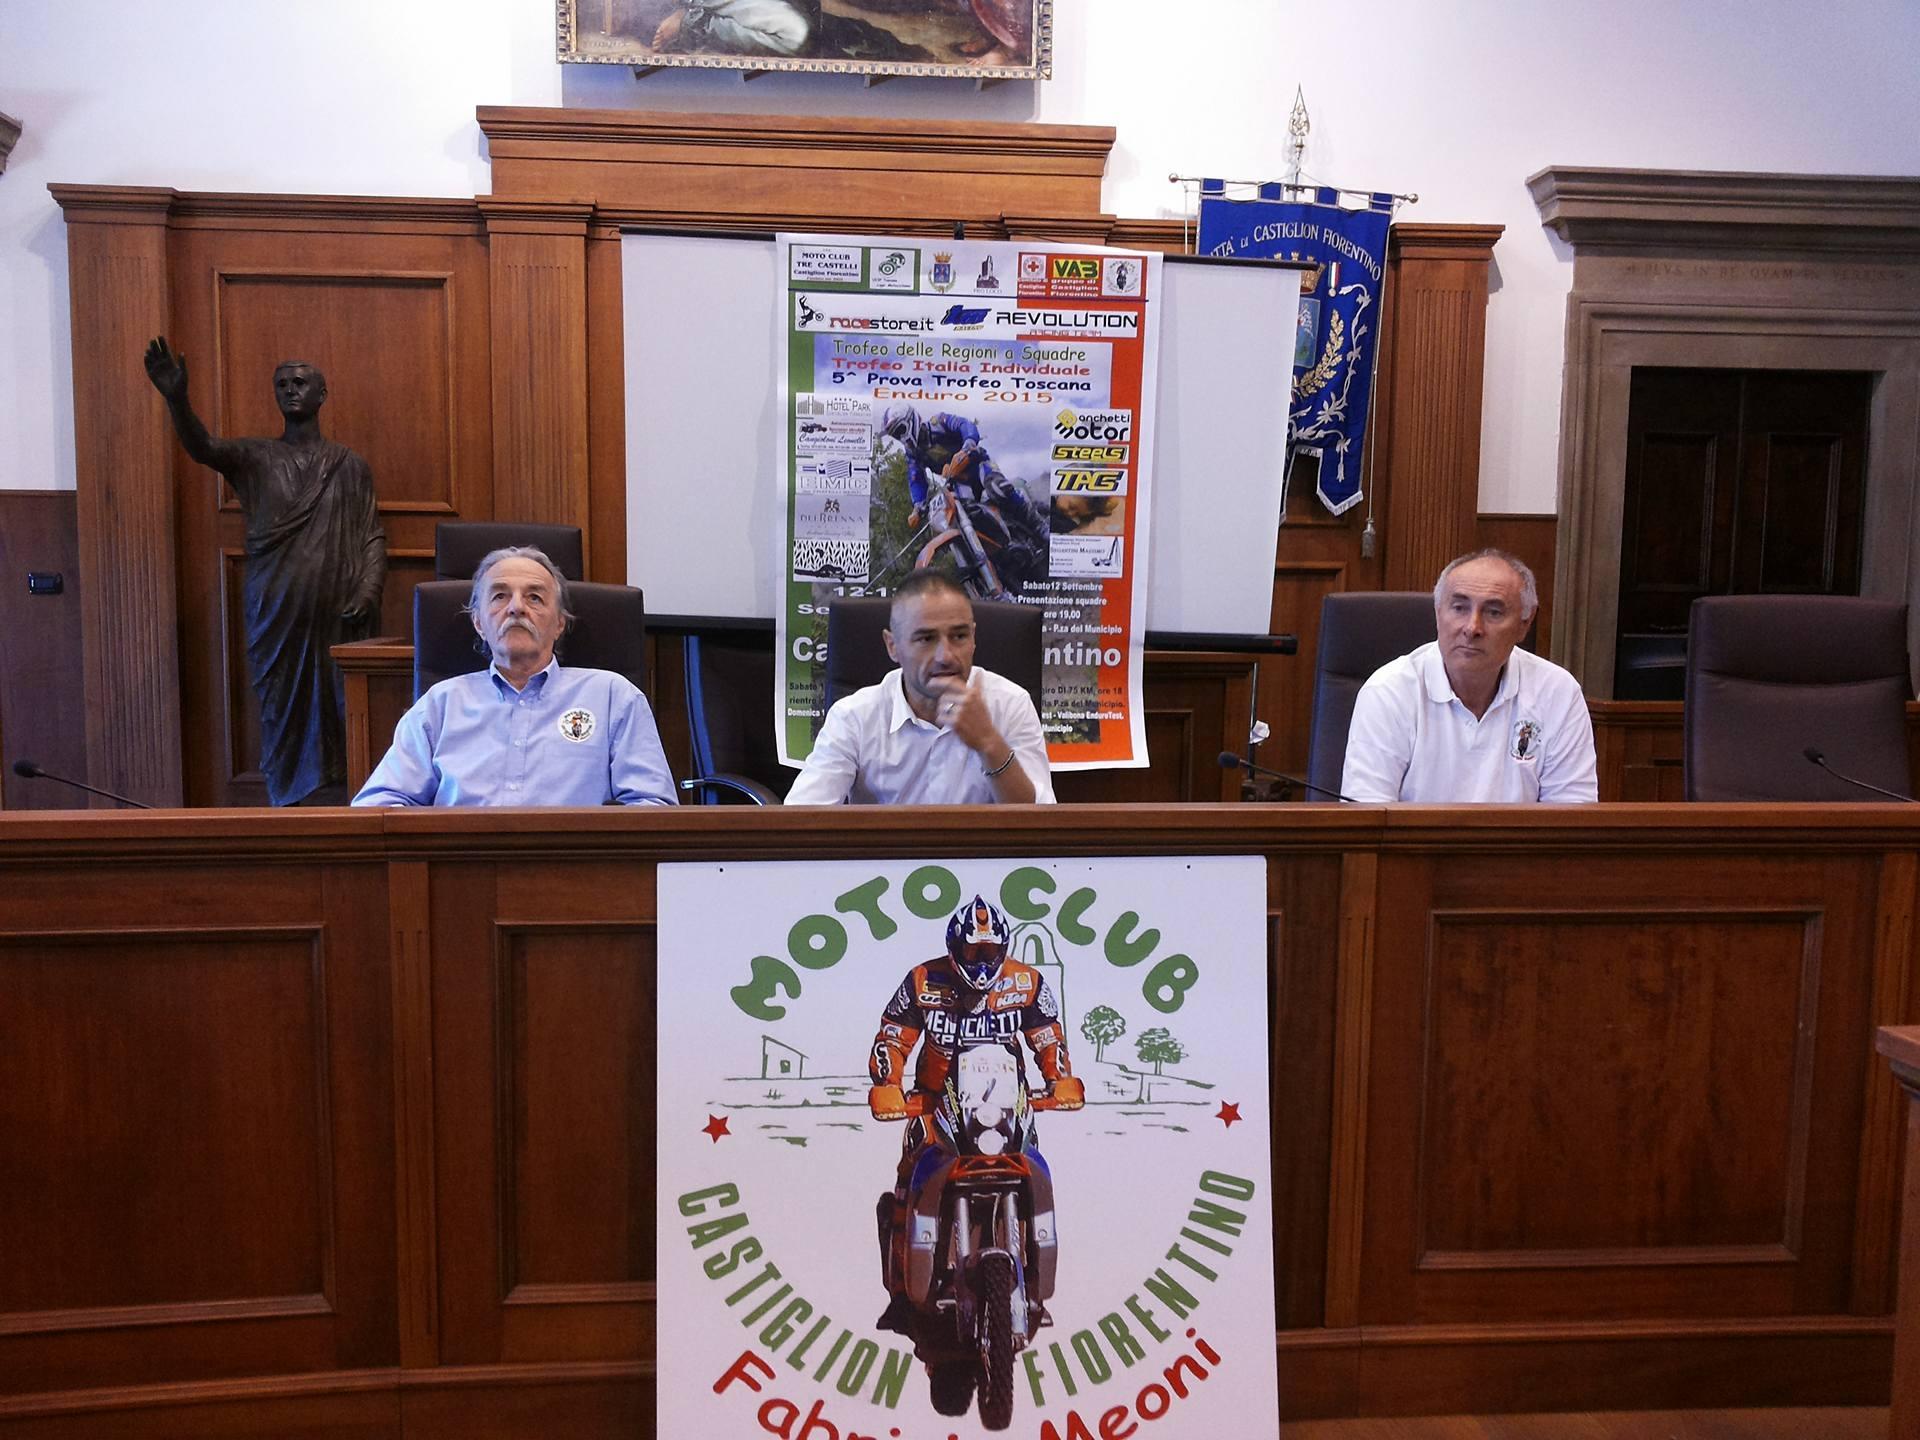 L'Enduro torna a Castiglion Fiorentino con il 'Trofeo delle Regioni'